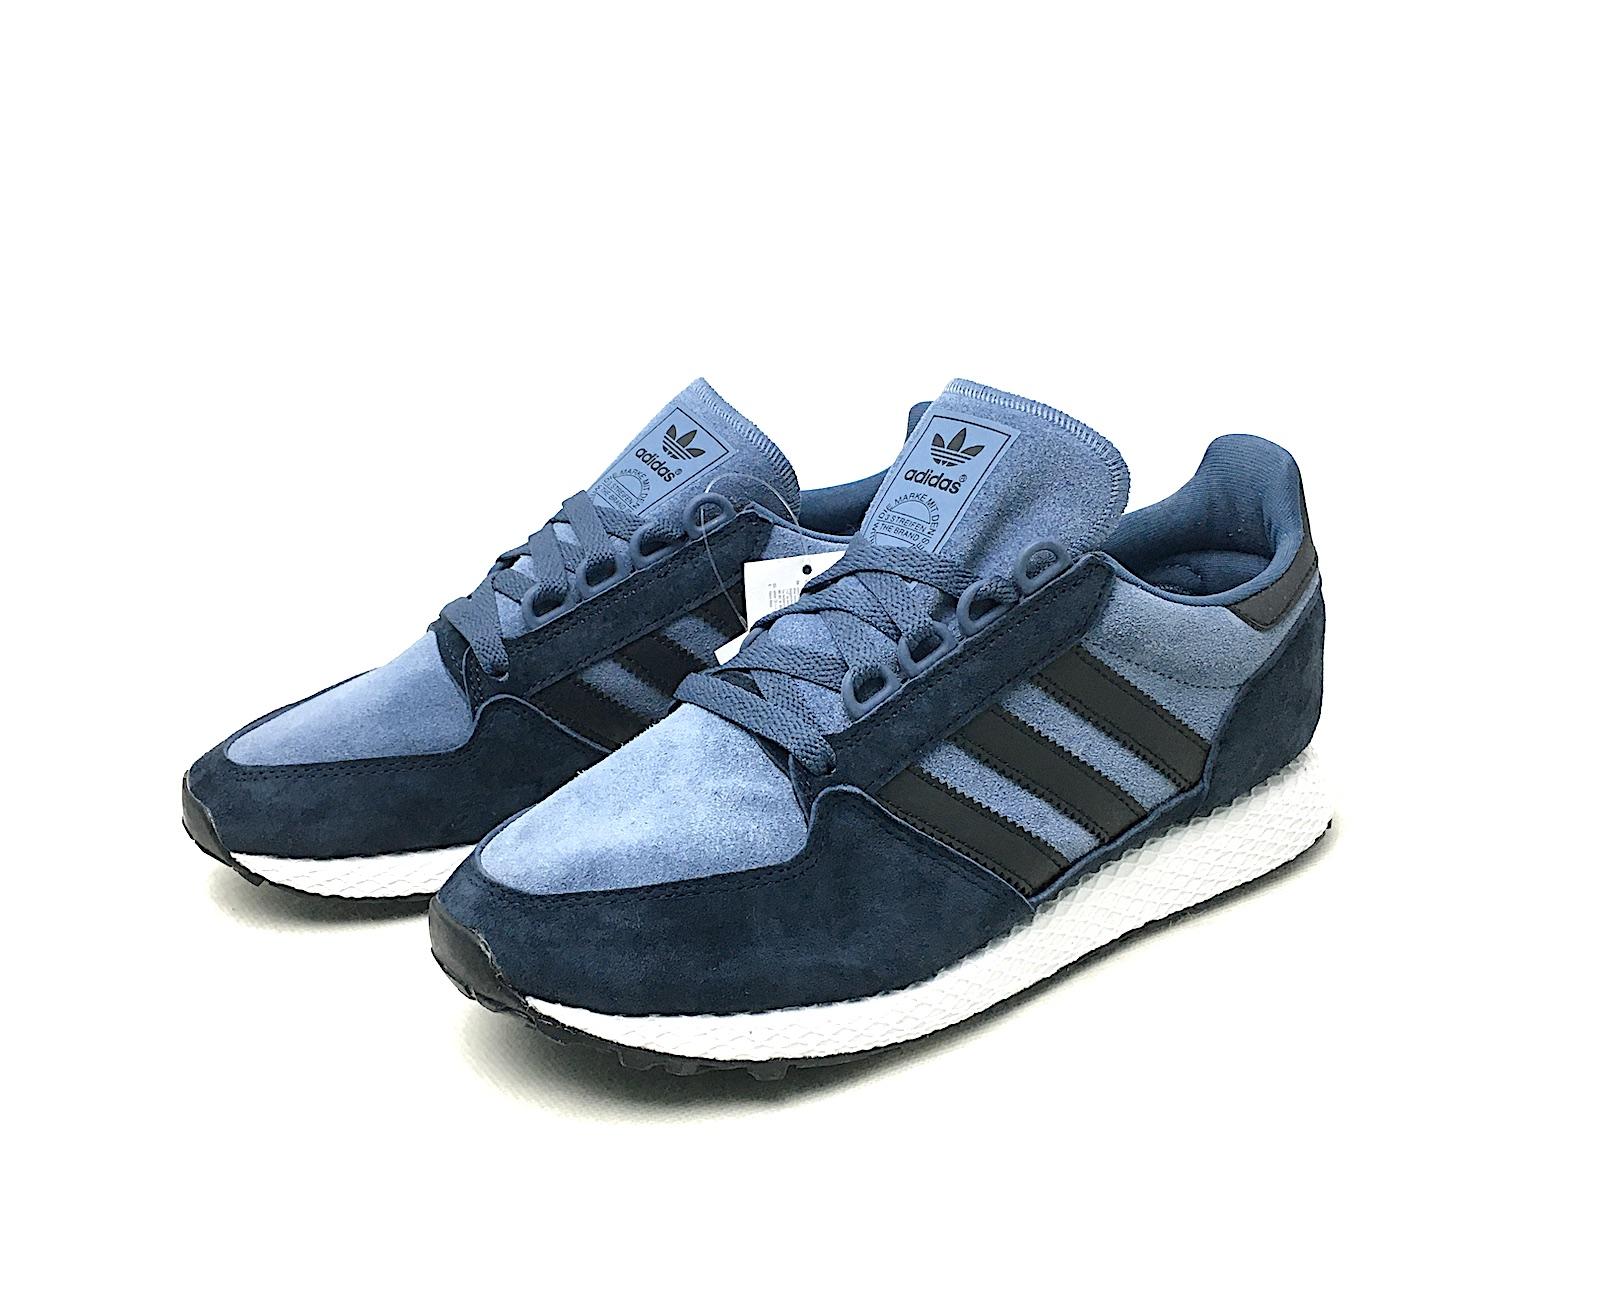 categoria 3 delpopoloshop Adidas,numero grande